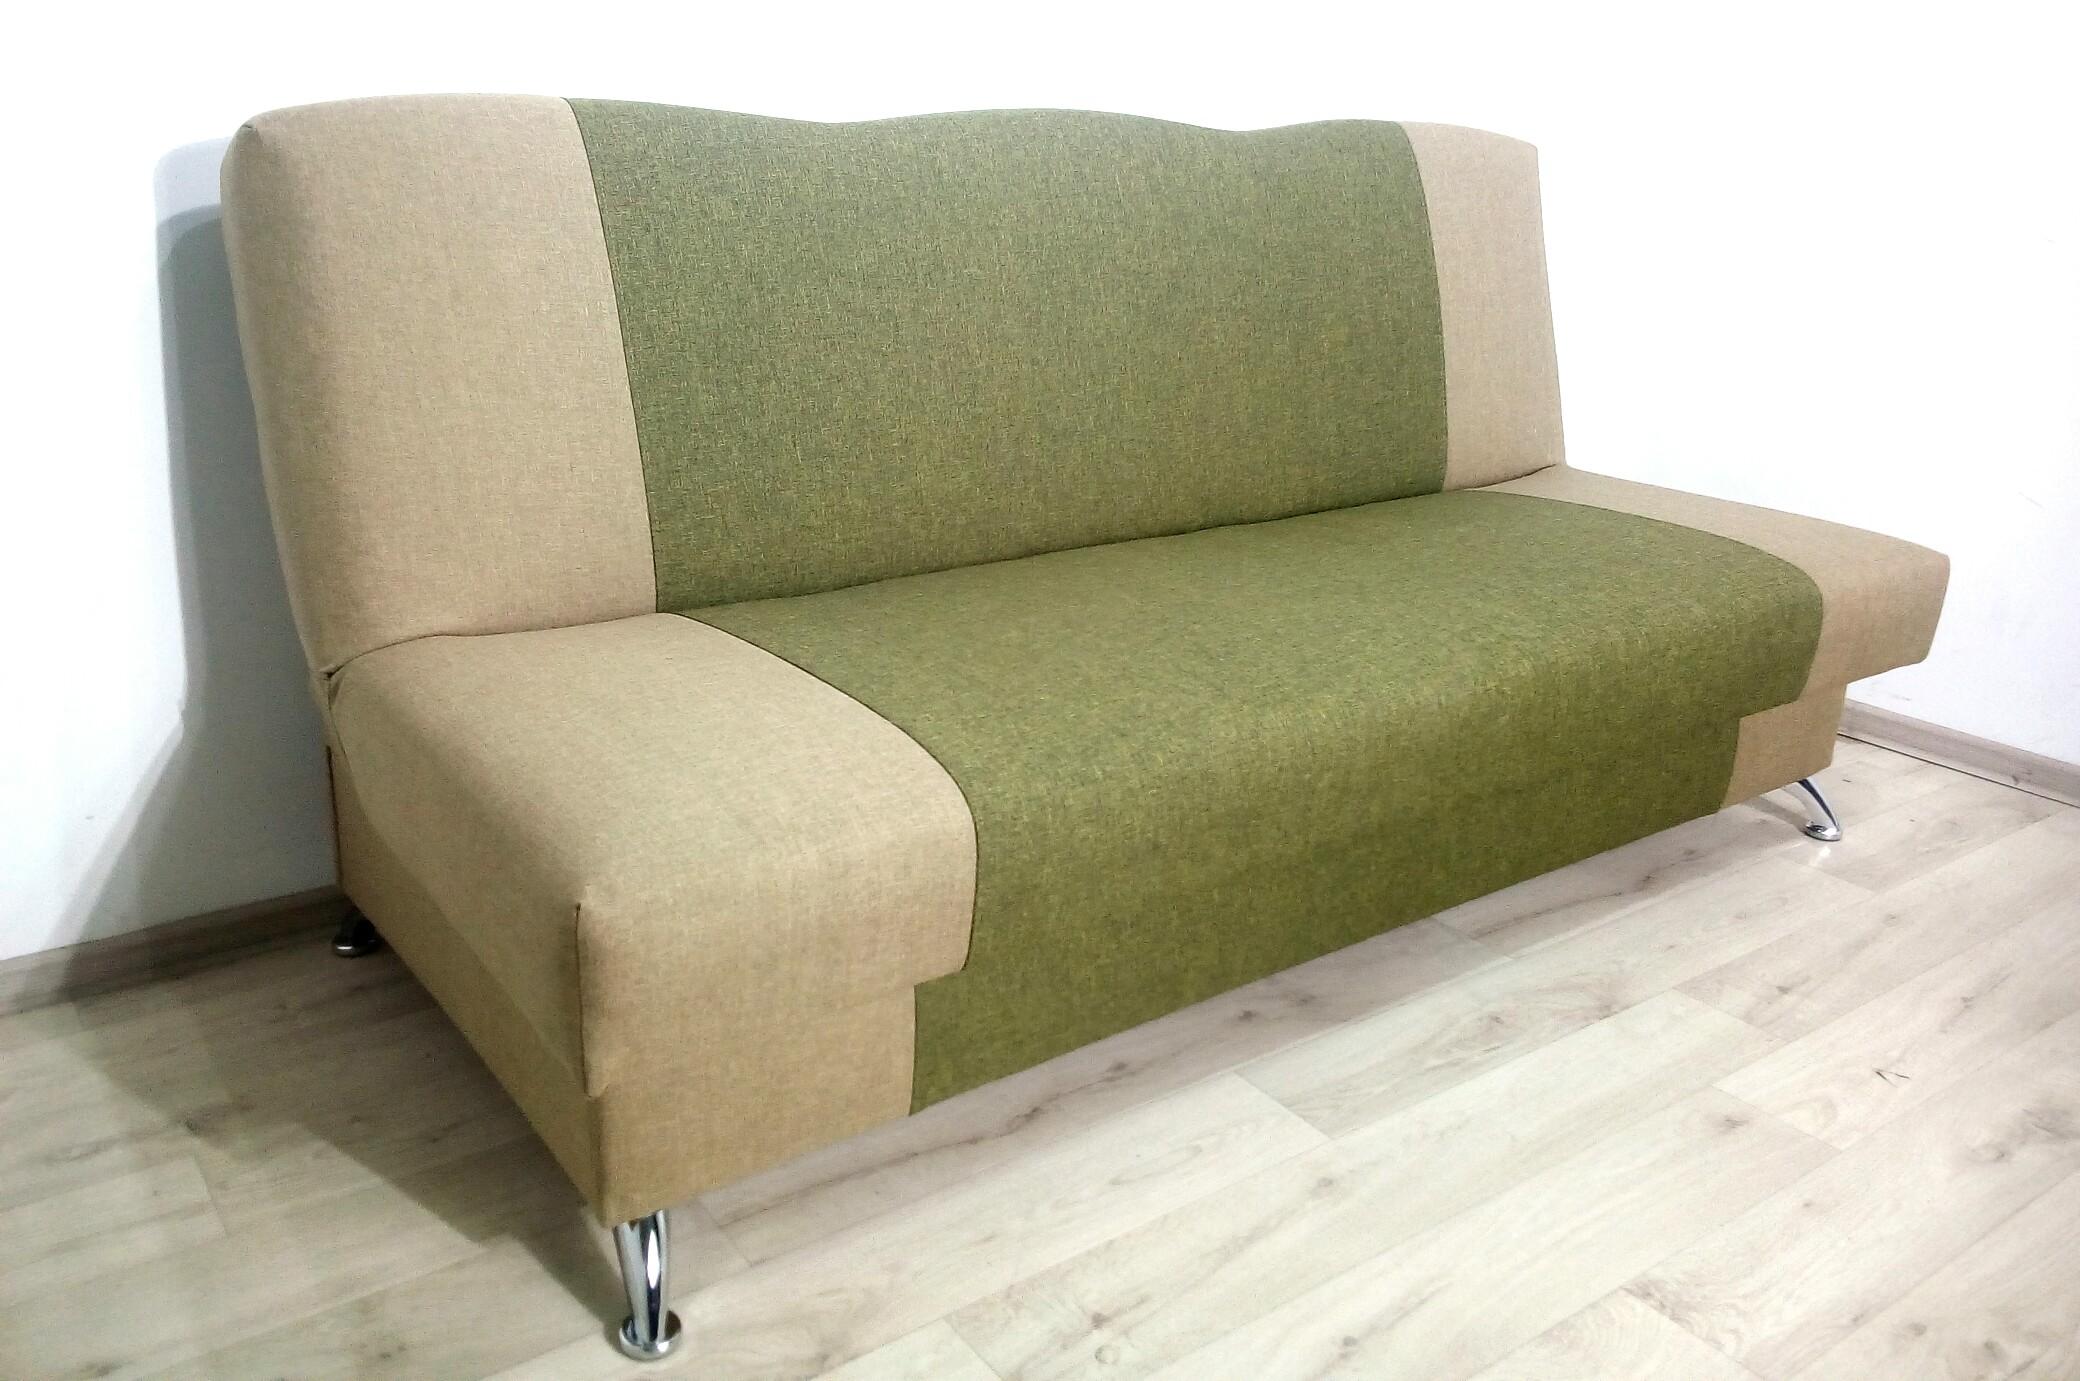 РаскРадные диваны купить в Киеве диван раскРадной низкая цена